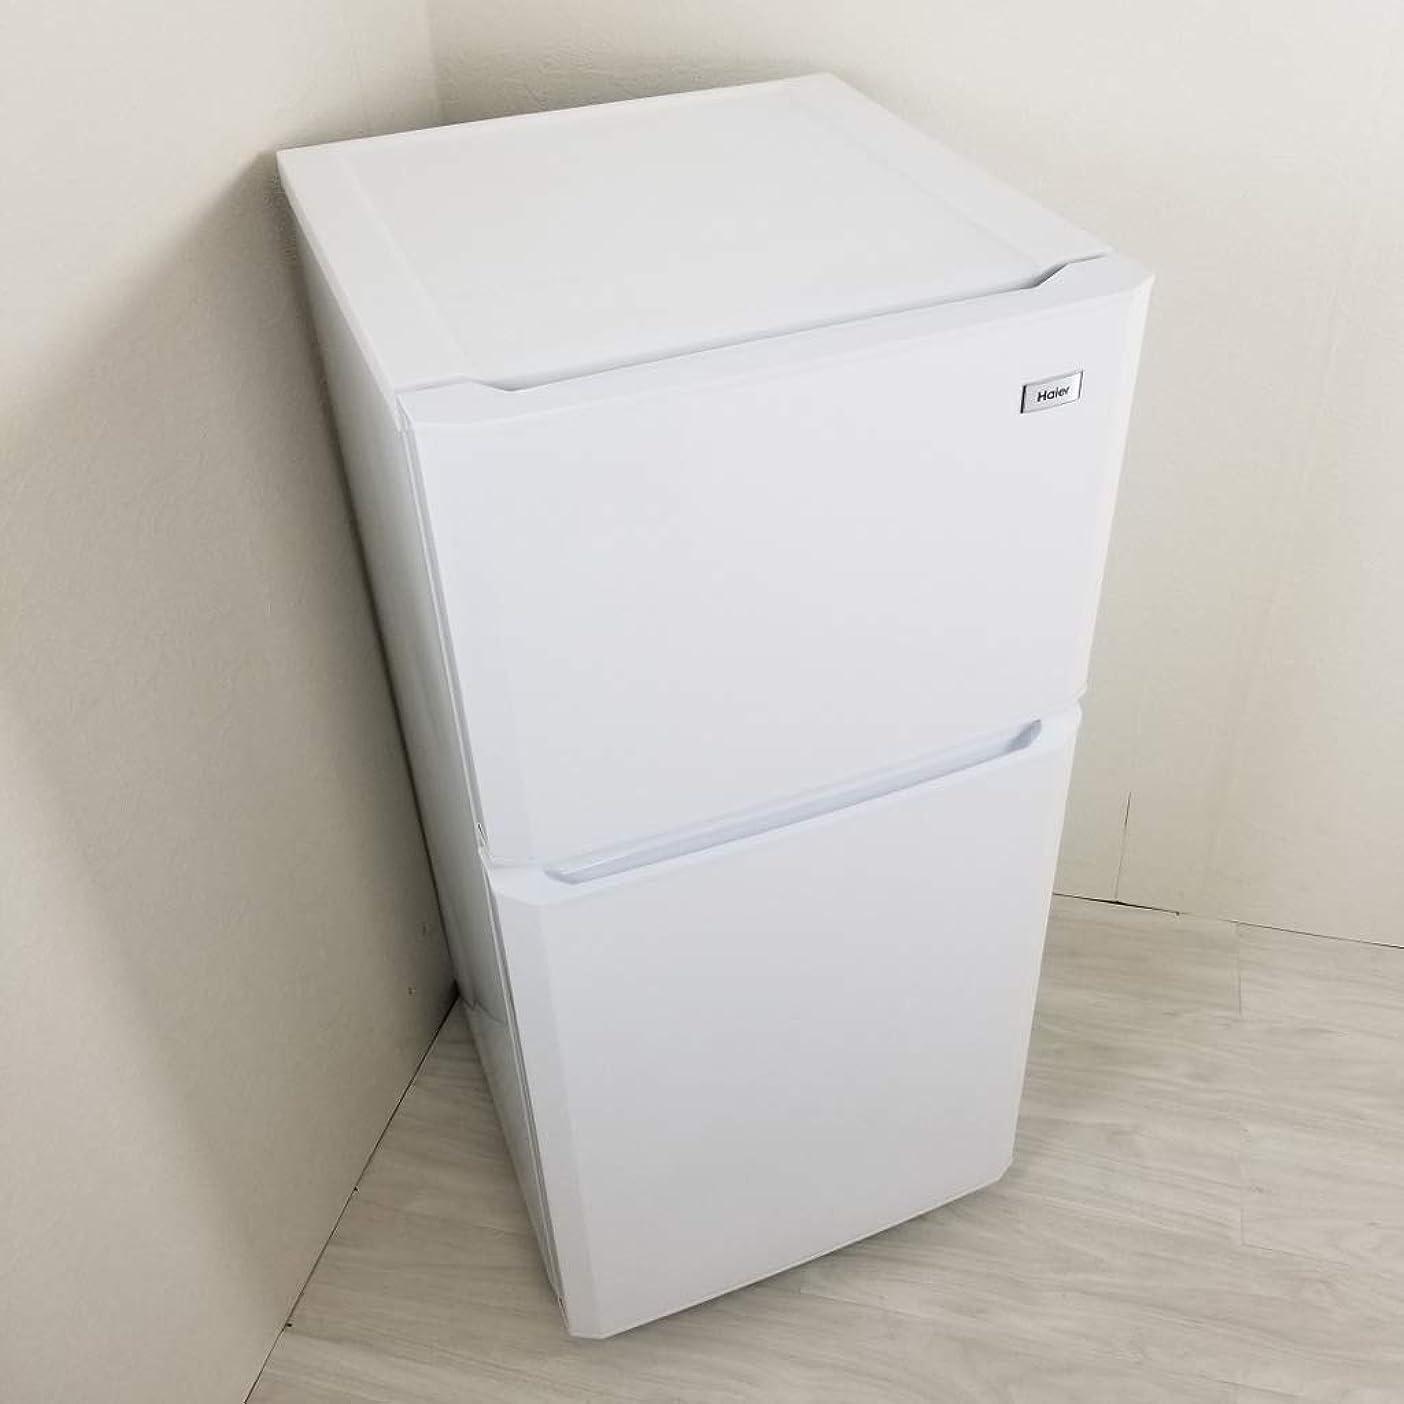 実施する制裁ブルーベルハイアール 106L 2ドア冷蔵庫(直冷式)ホワイトHaier JR-N106H(W)